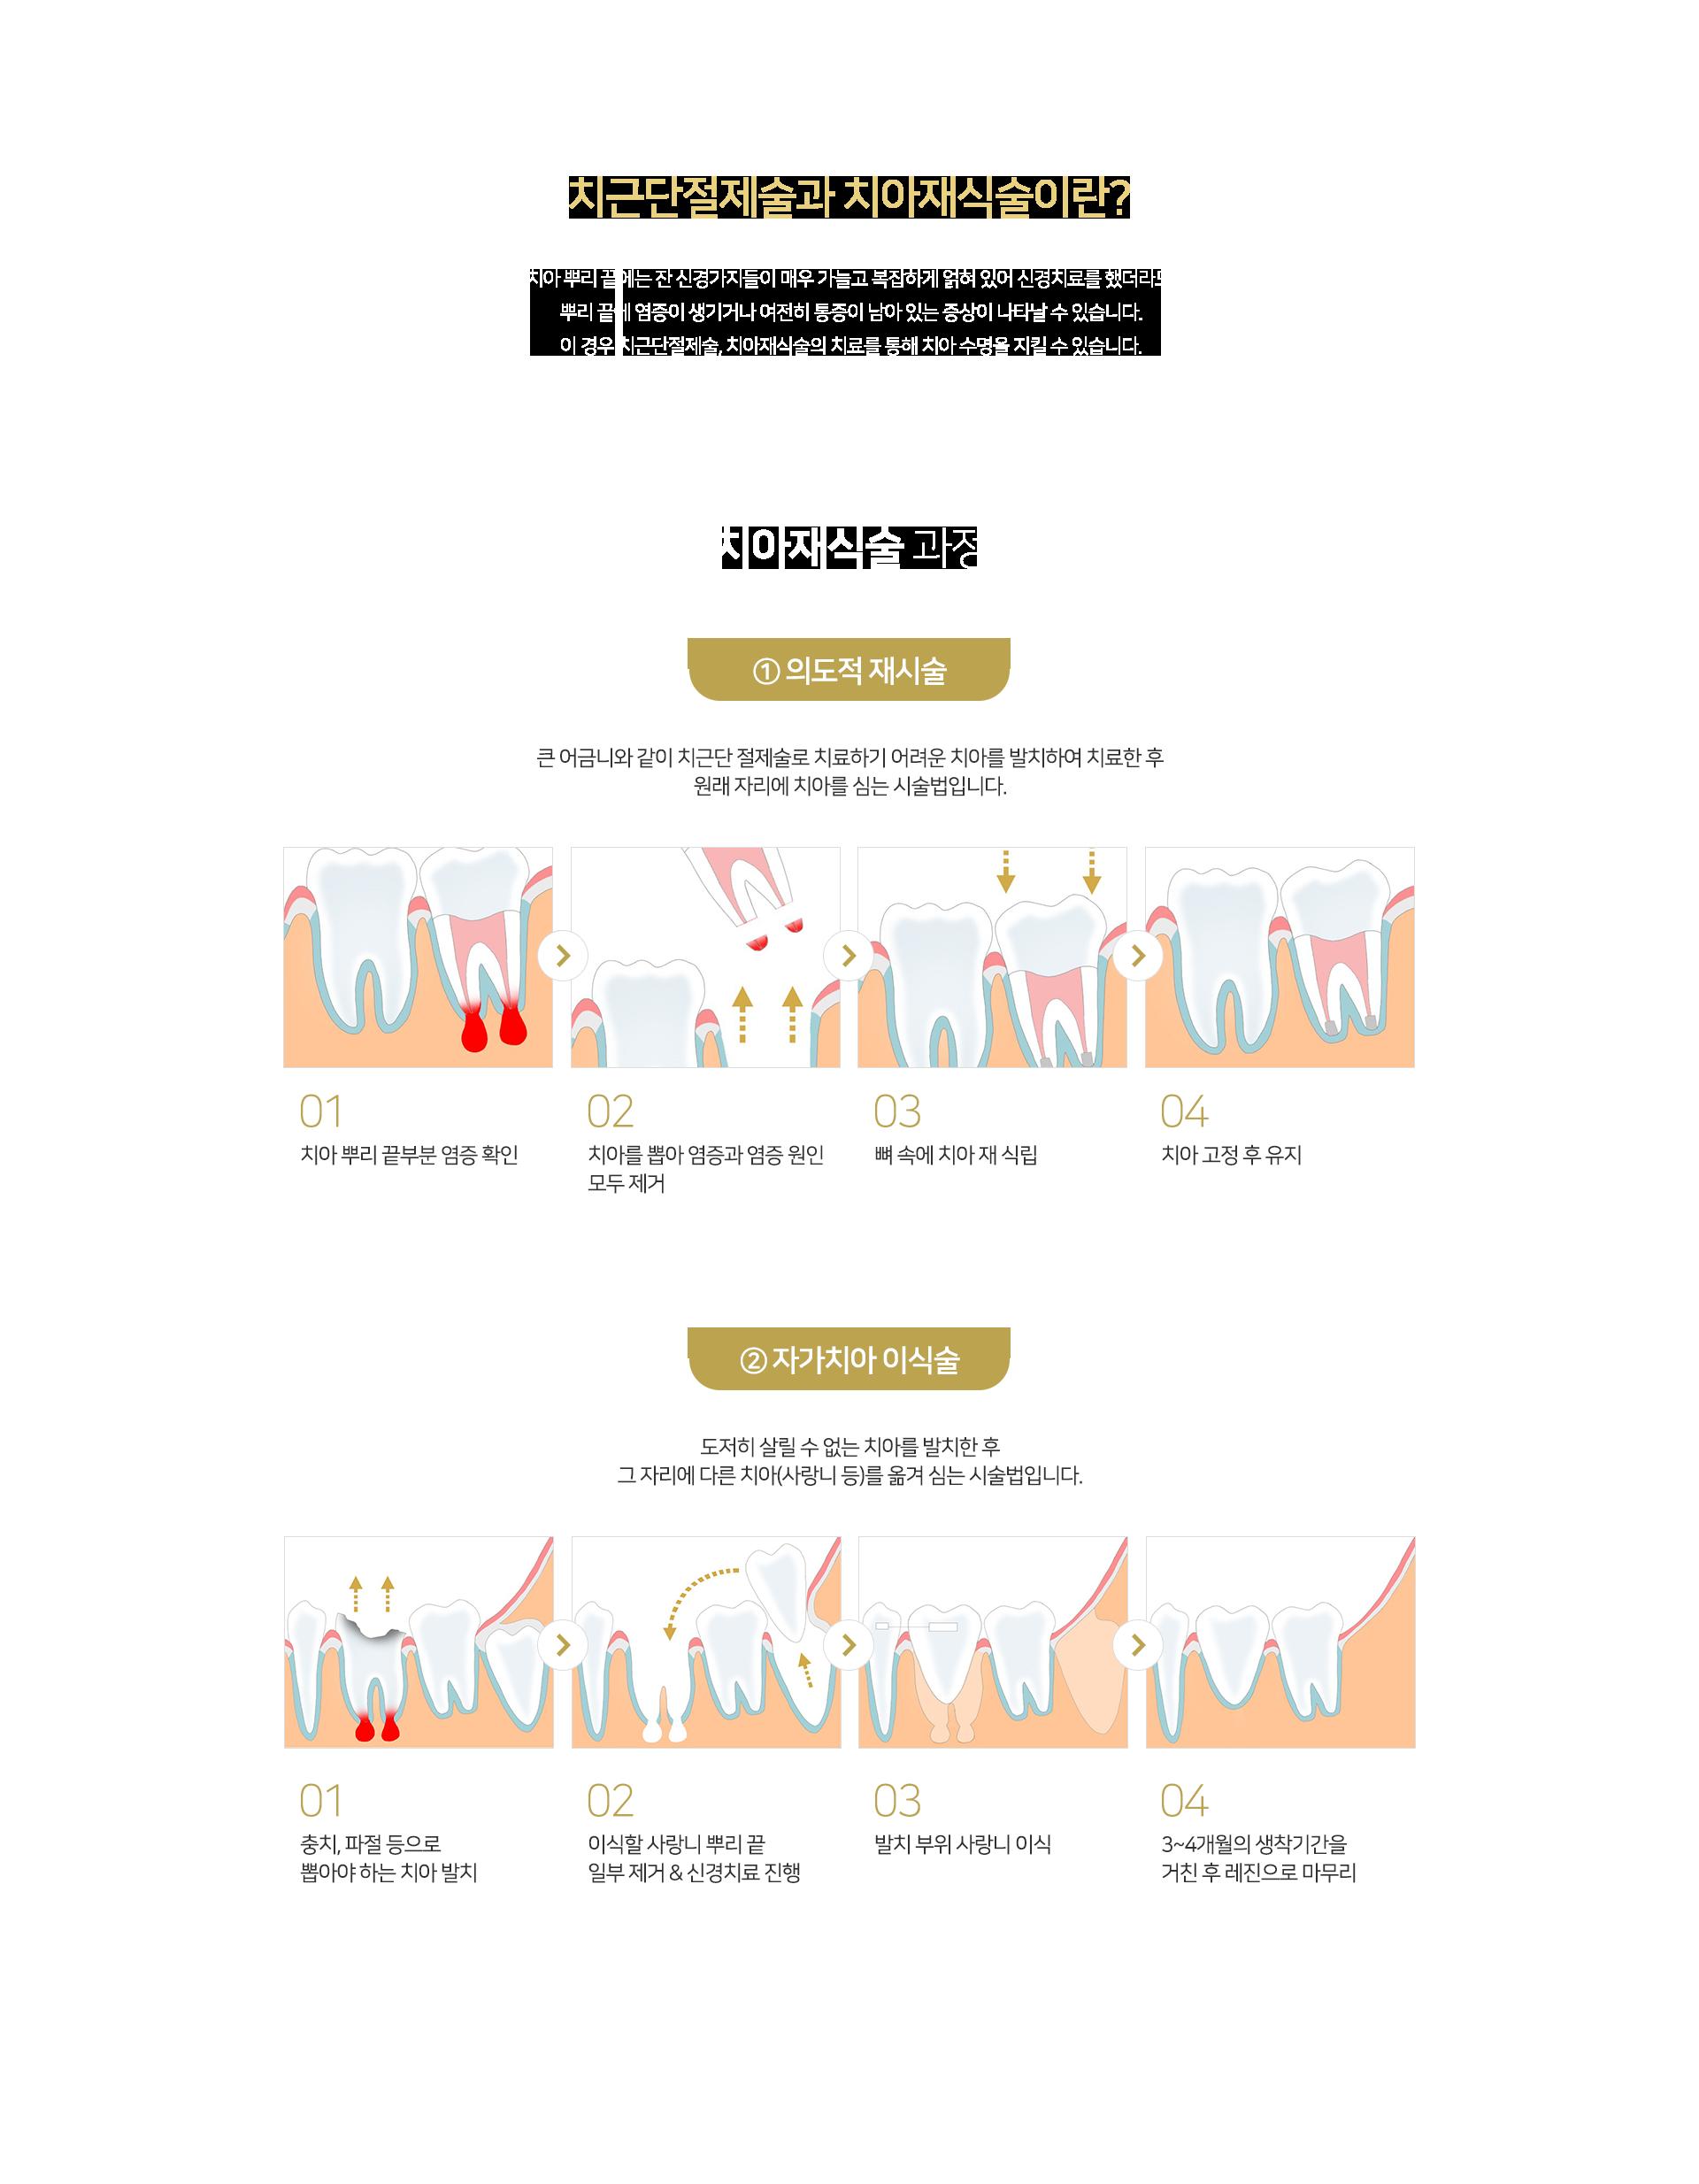 치근단절제술과 치아재식술이란? ① 의도적 재시술, ② 자가치아 이식술